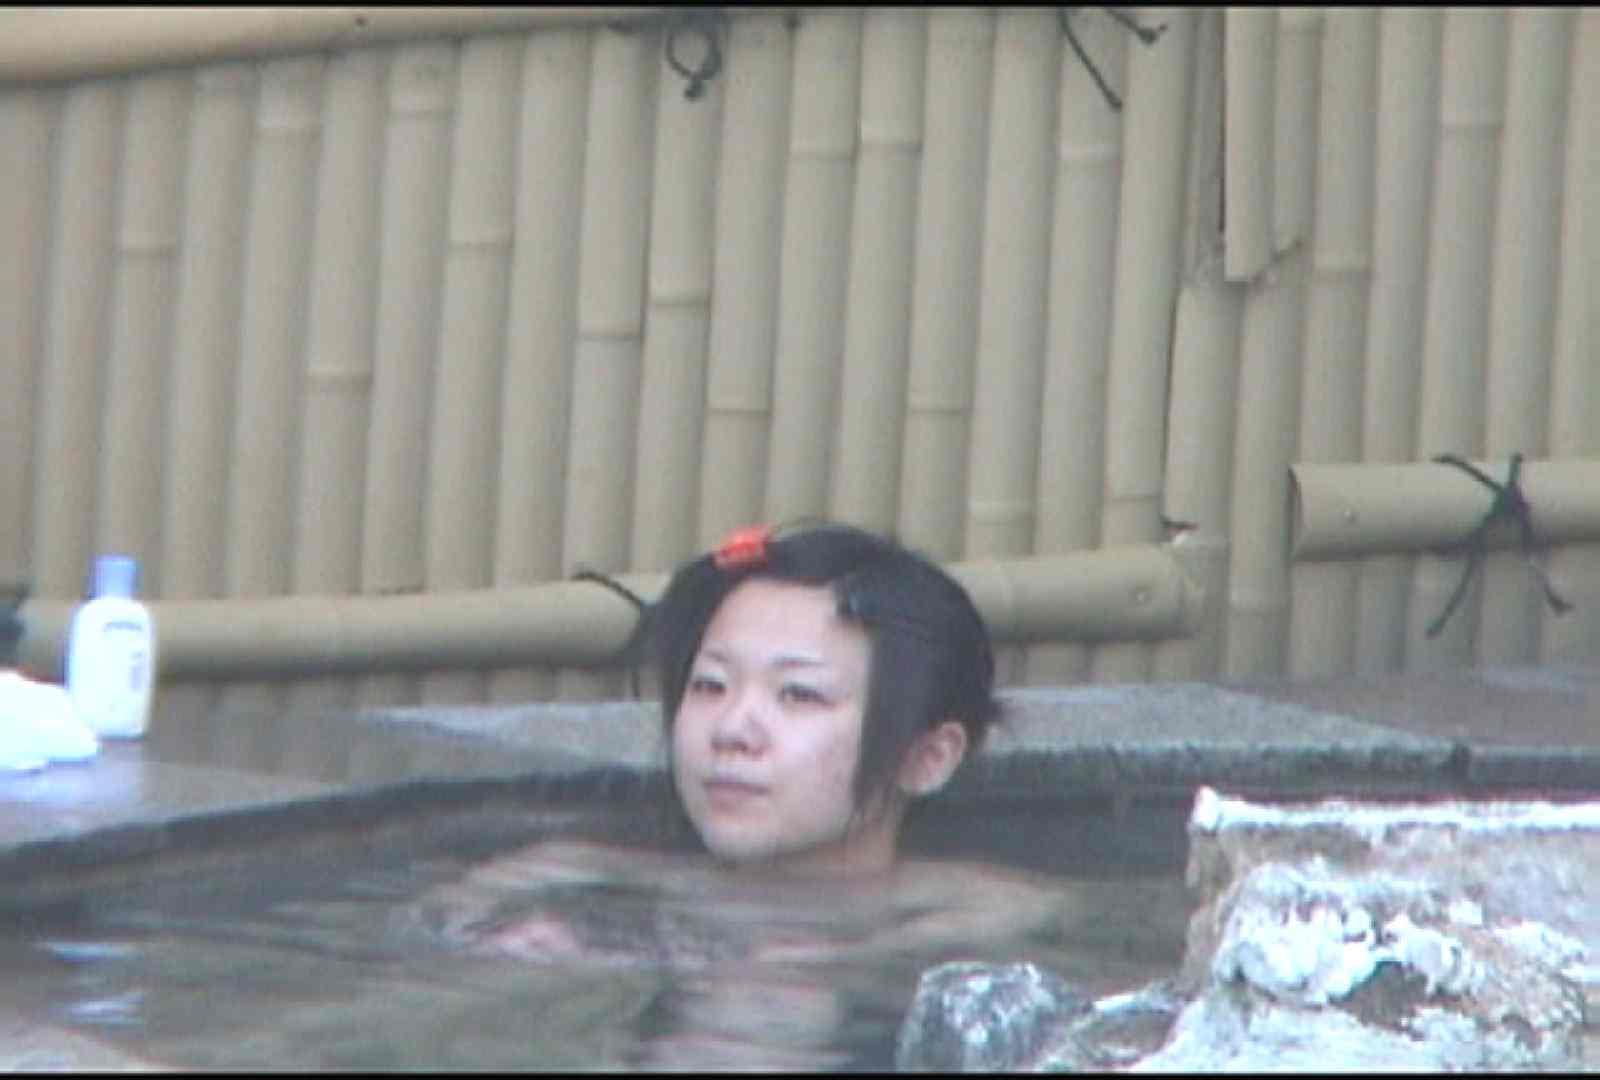 Aquaな露天風呂Vol.175 盗撮 オメコ動画キャプチャ 99枚 5